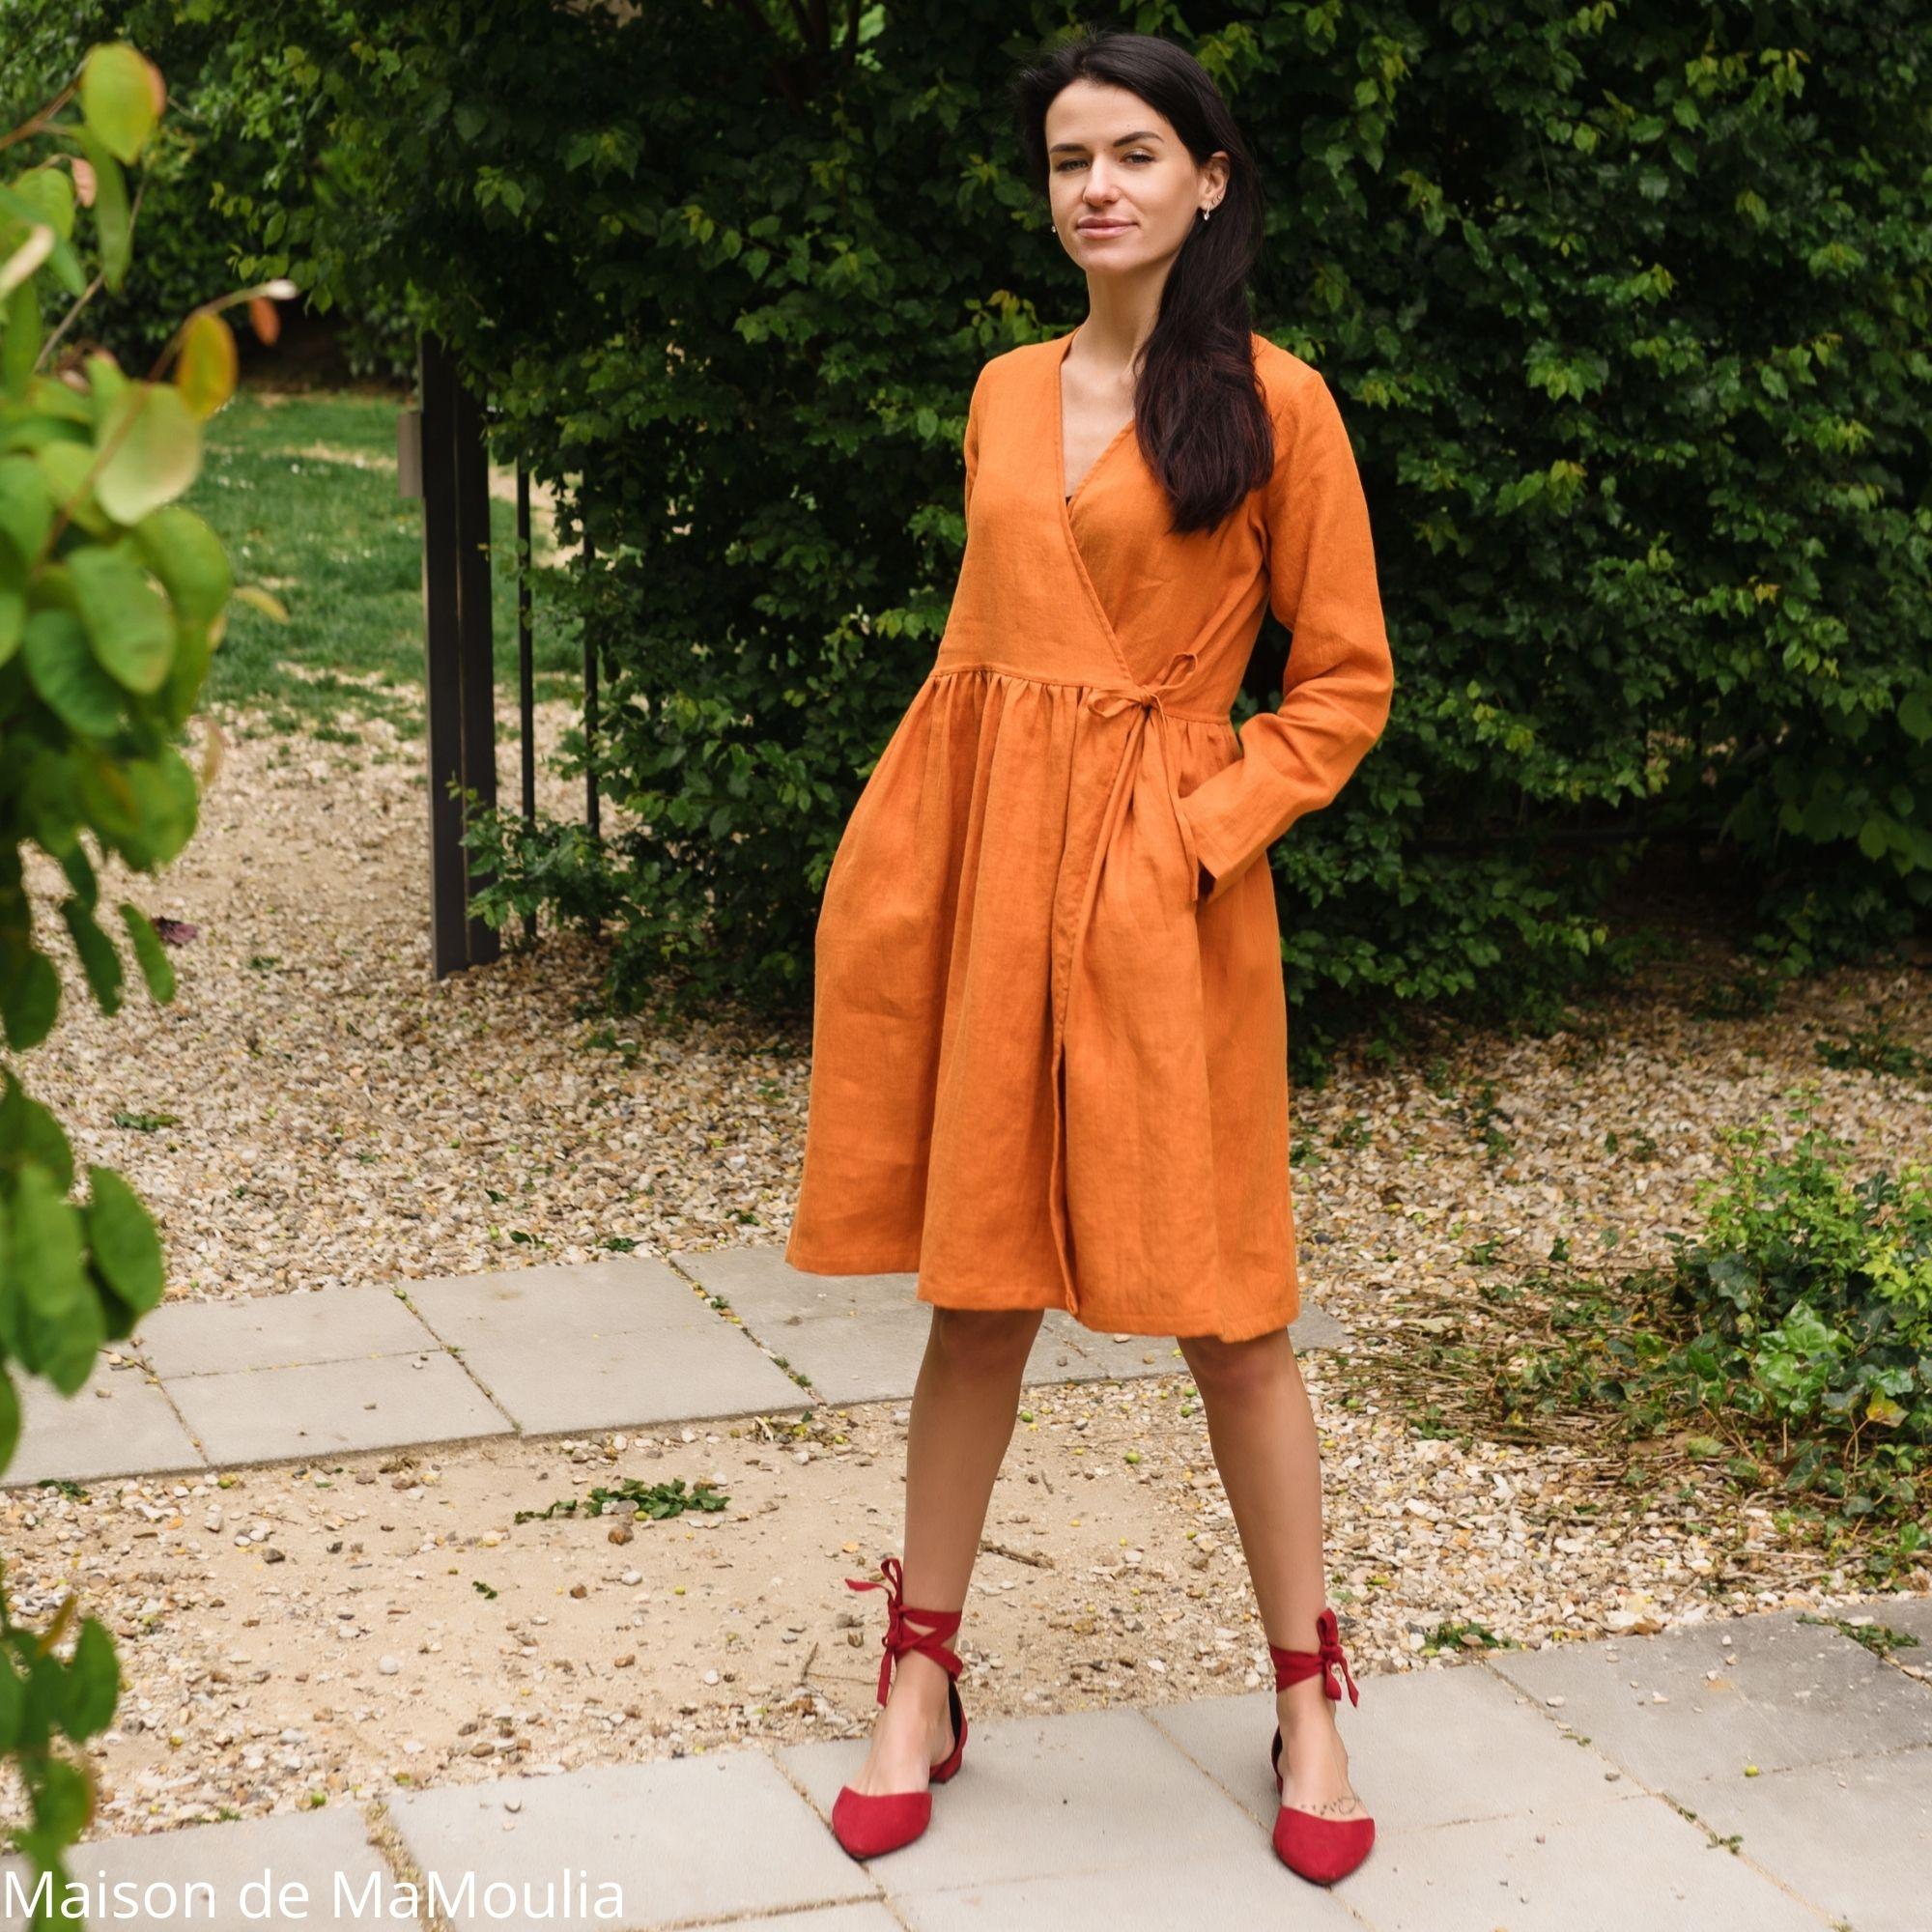 SIMPLY GREY - Robe cache-cœur pour femme - 100% lin lavé - Rouille